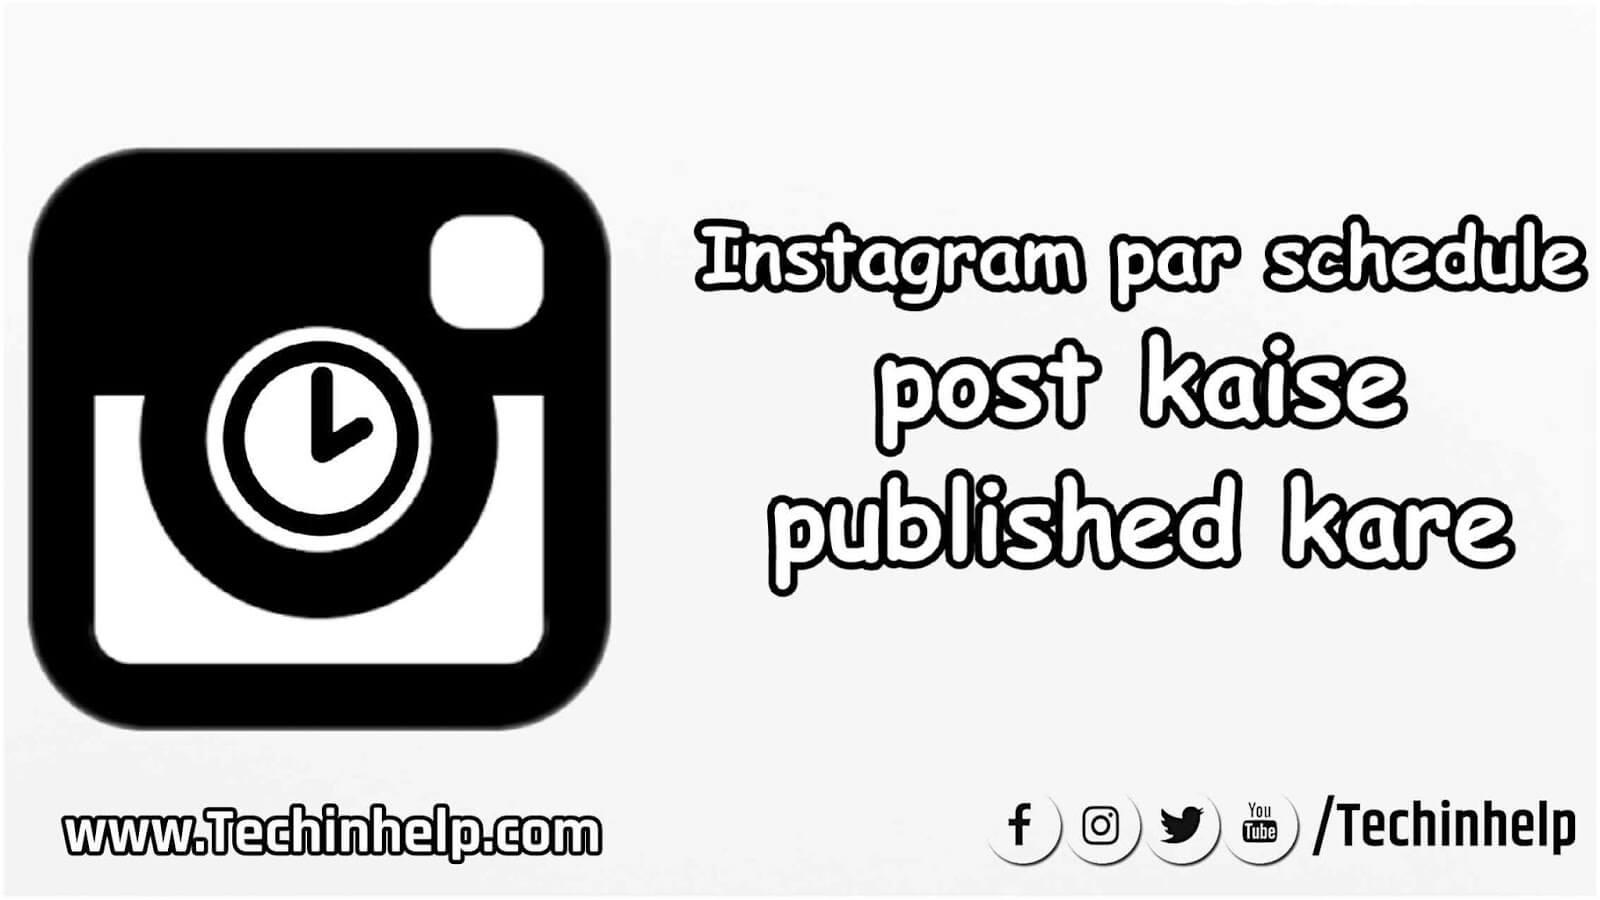 Publish schedule post